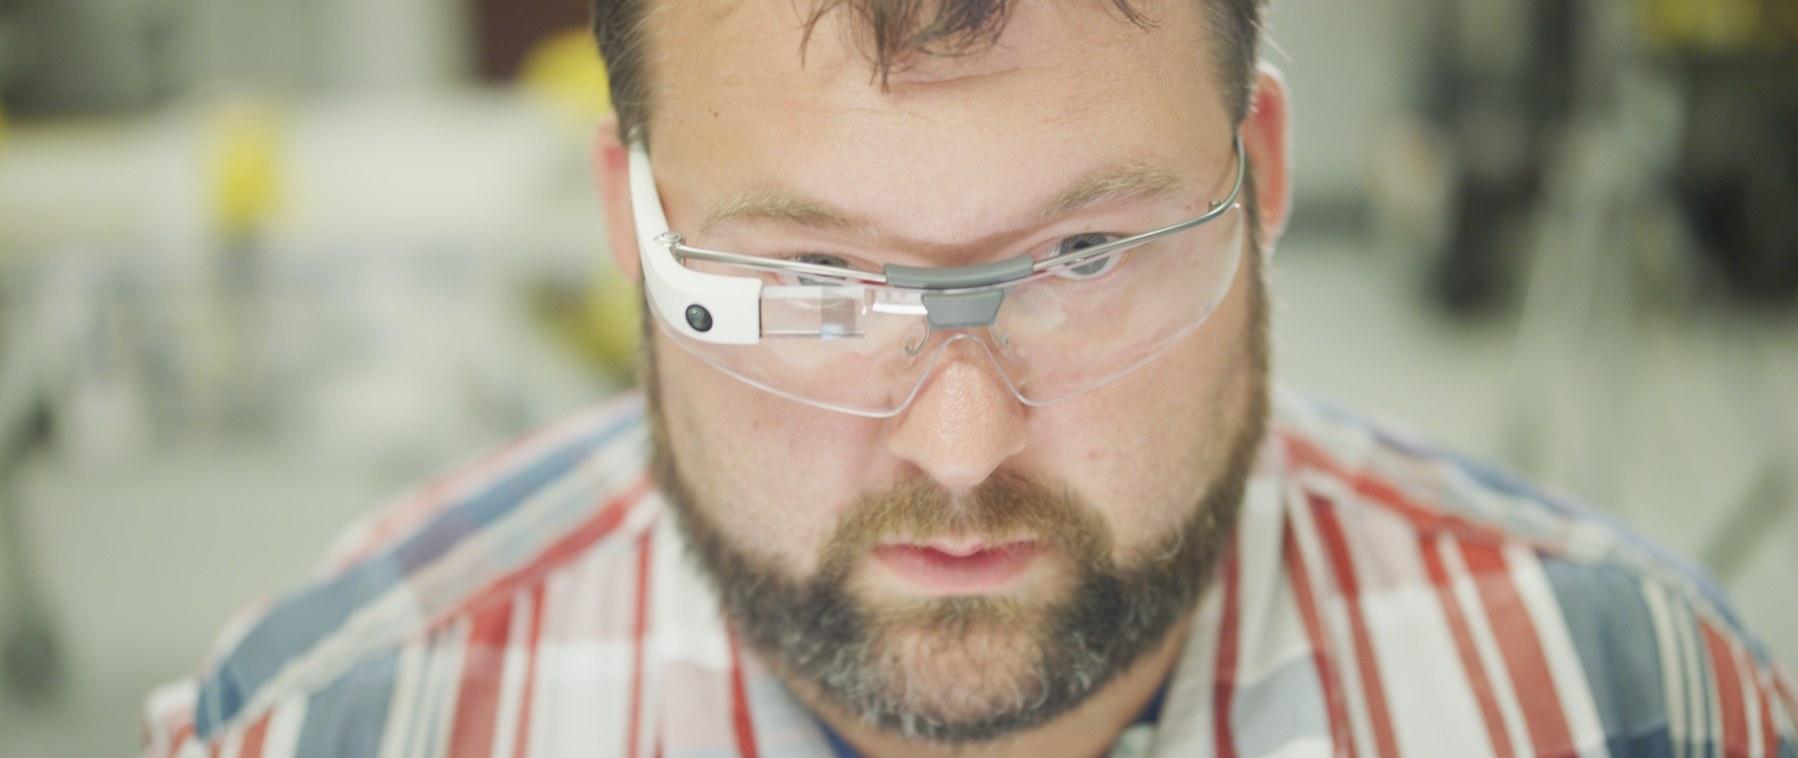 googleglass_1.jpg